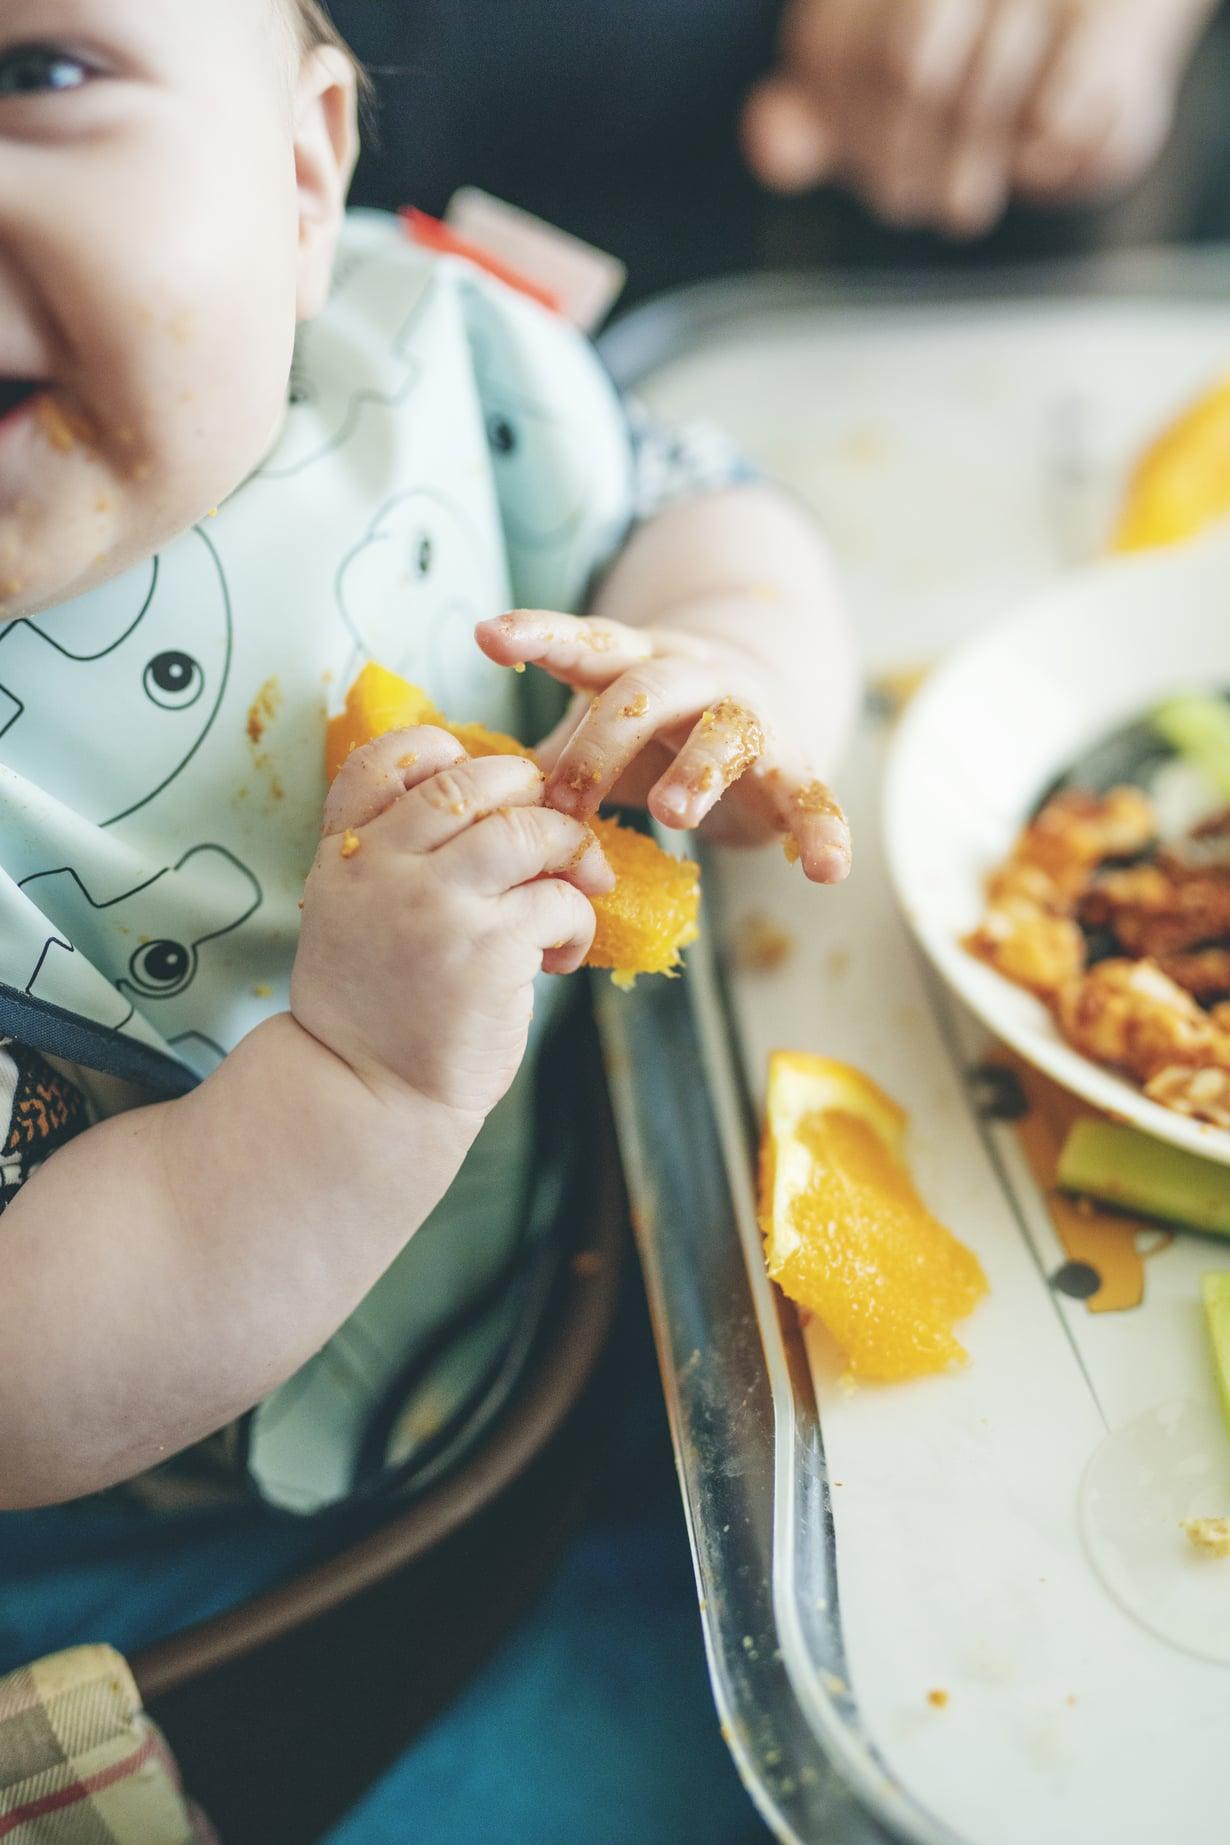 Lapsen saa maistamaanrohkeasti kannustamalla jahyväksymällä myös sen, ettäkaikkien ei tarvitse tykätä kaikesta, Nikon äiti Tiia sanoo.